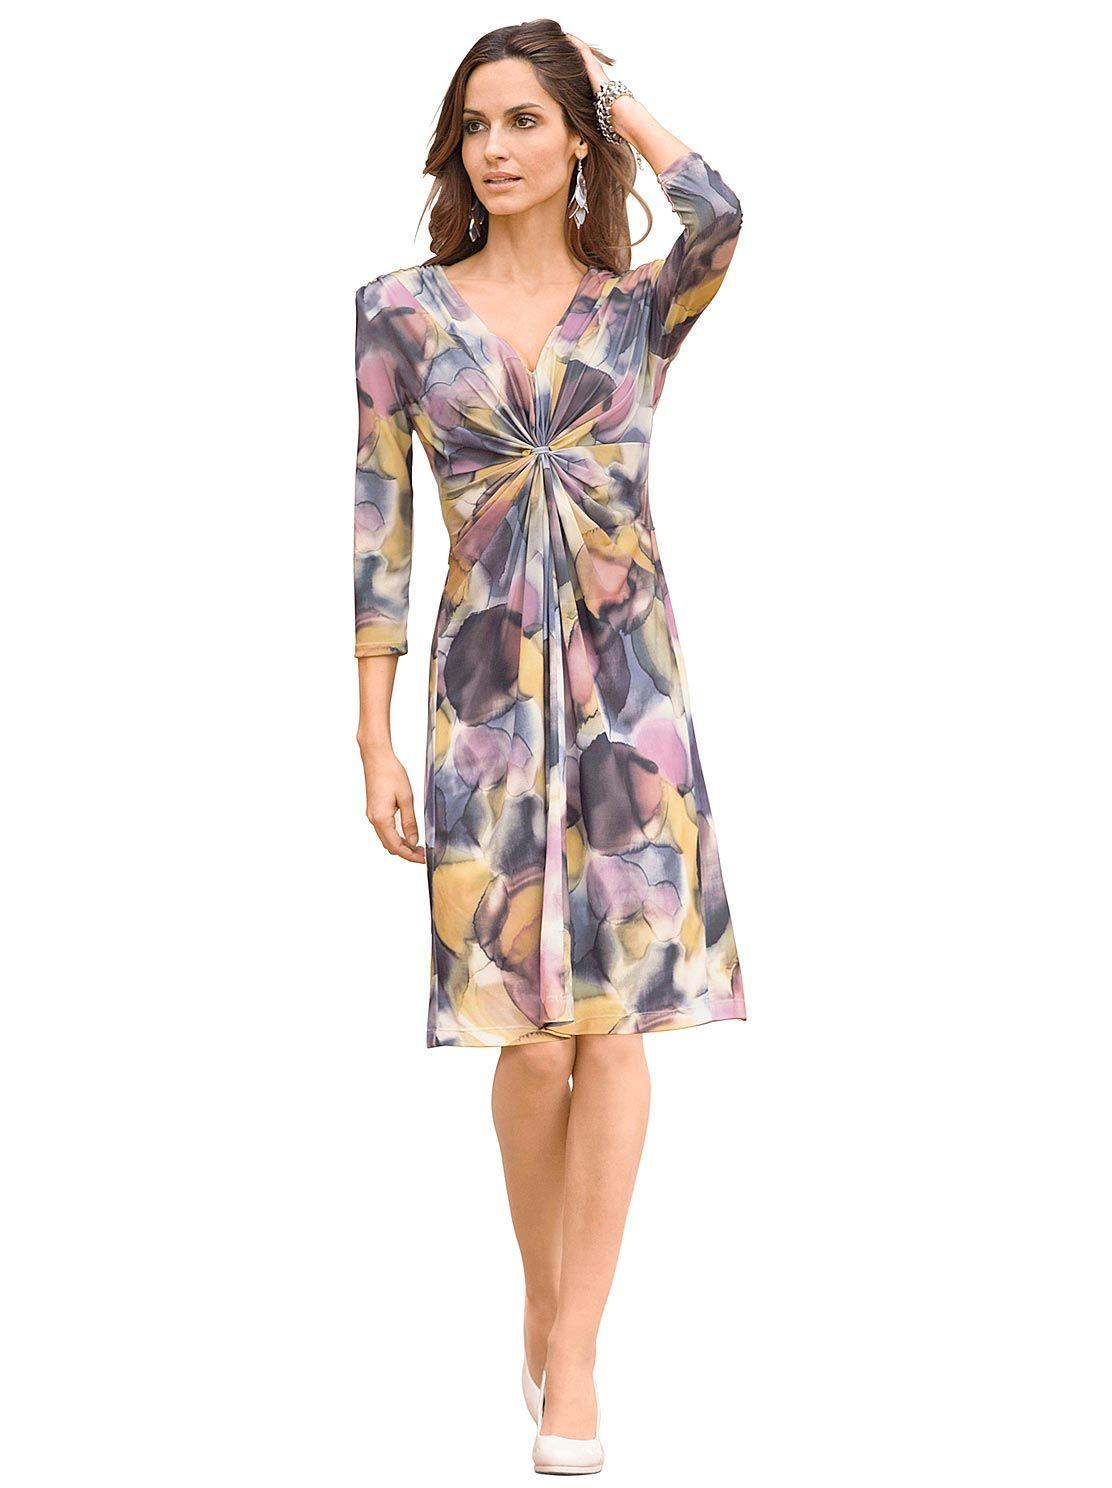 Jersey-Kleid in rosé-bedruckt 12,12 € kaufen bei WITT WEIDEN